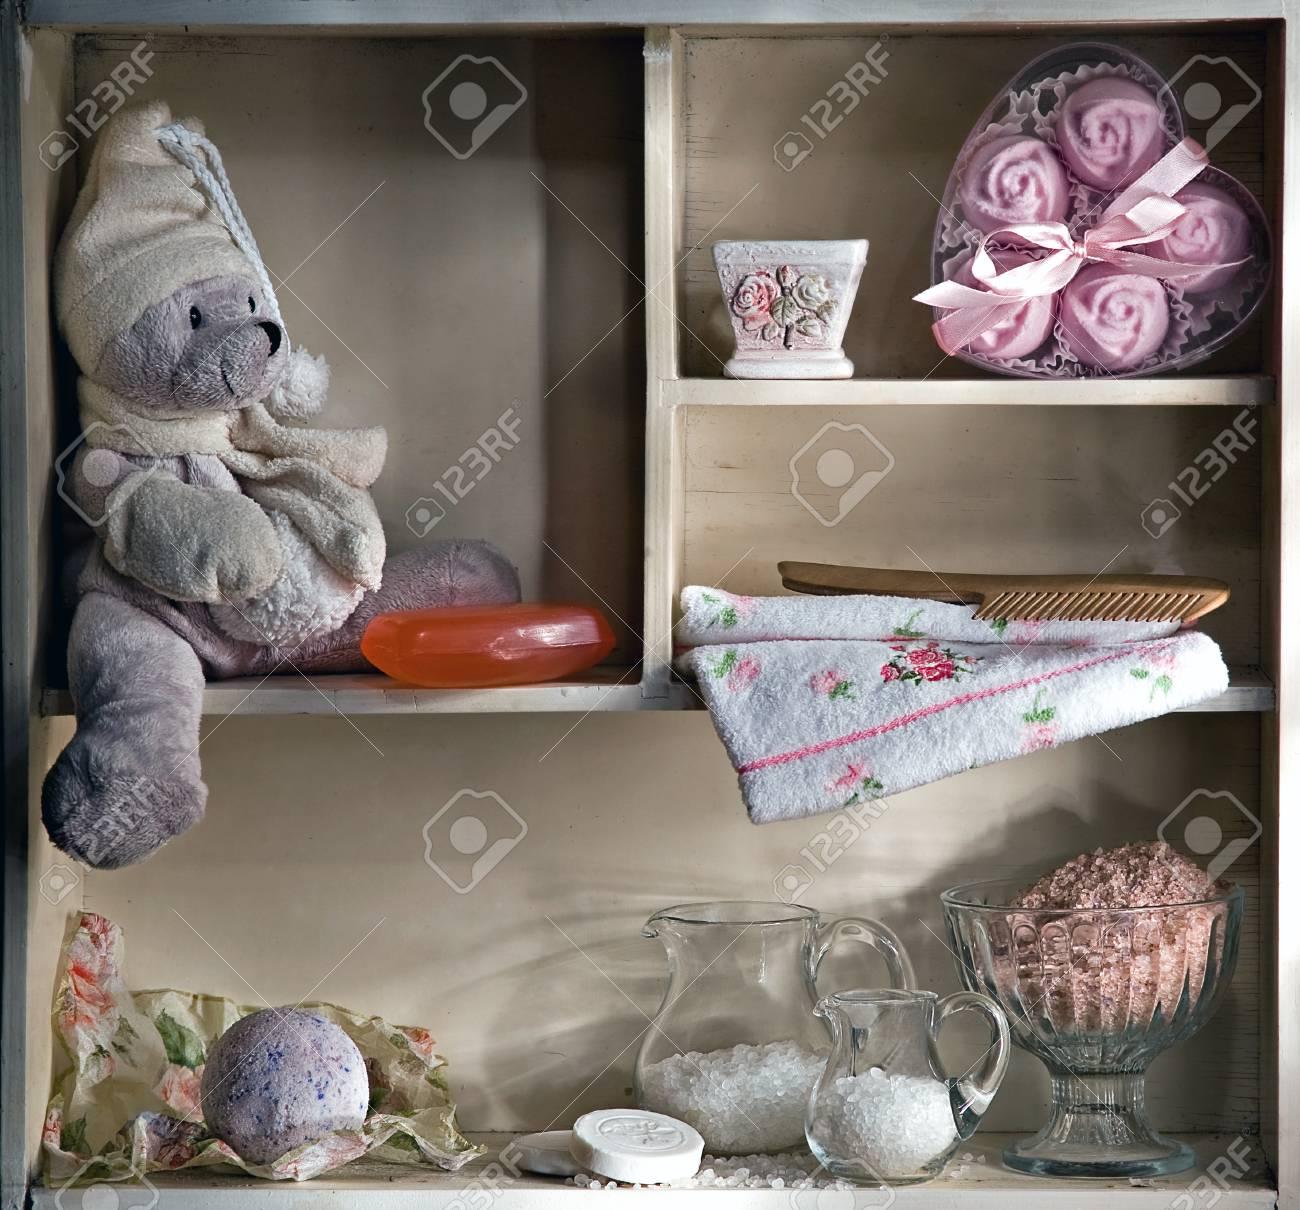 shelf for bathing children Stock Photo - 12923303